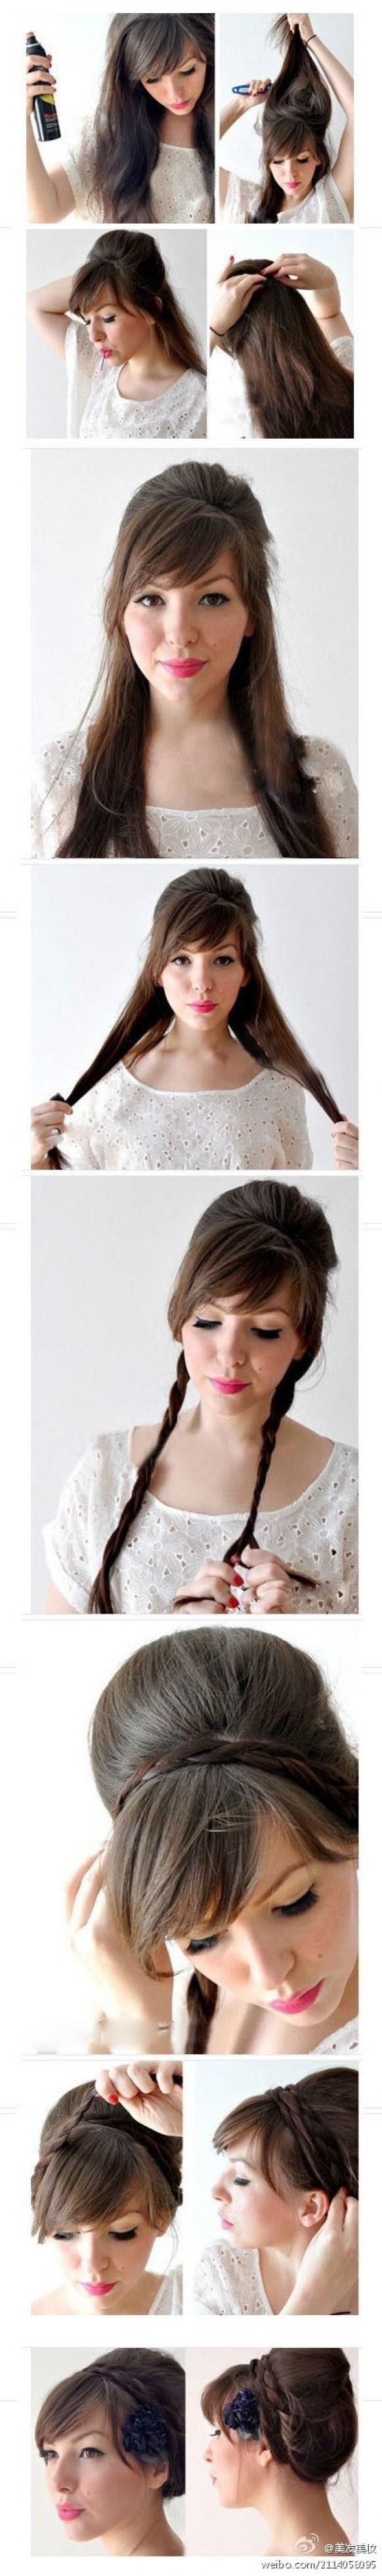 Stili di capelli